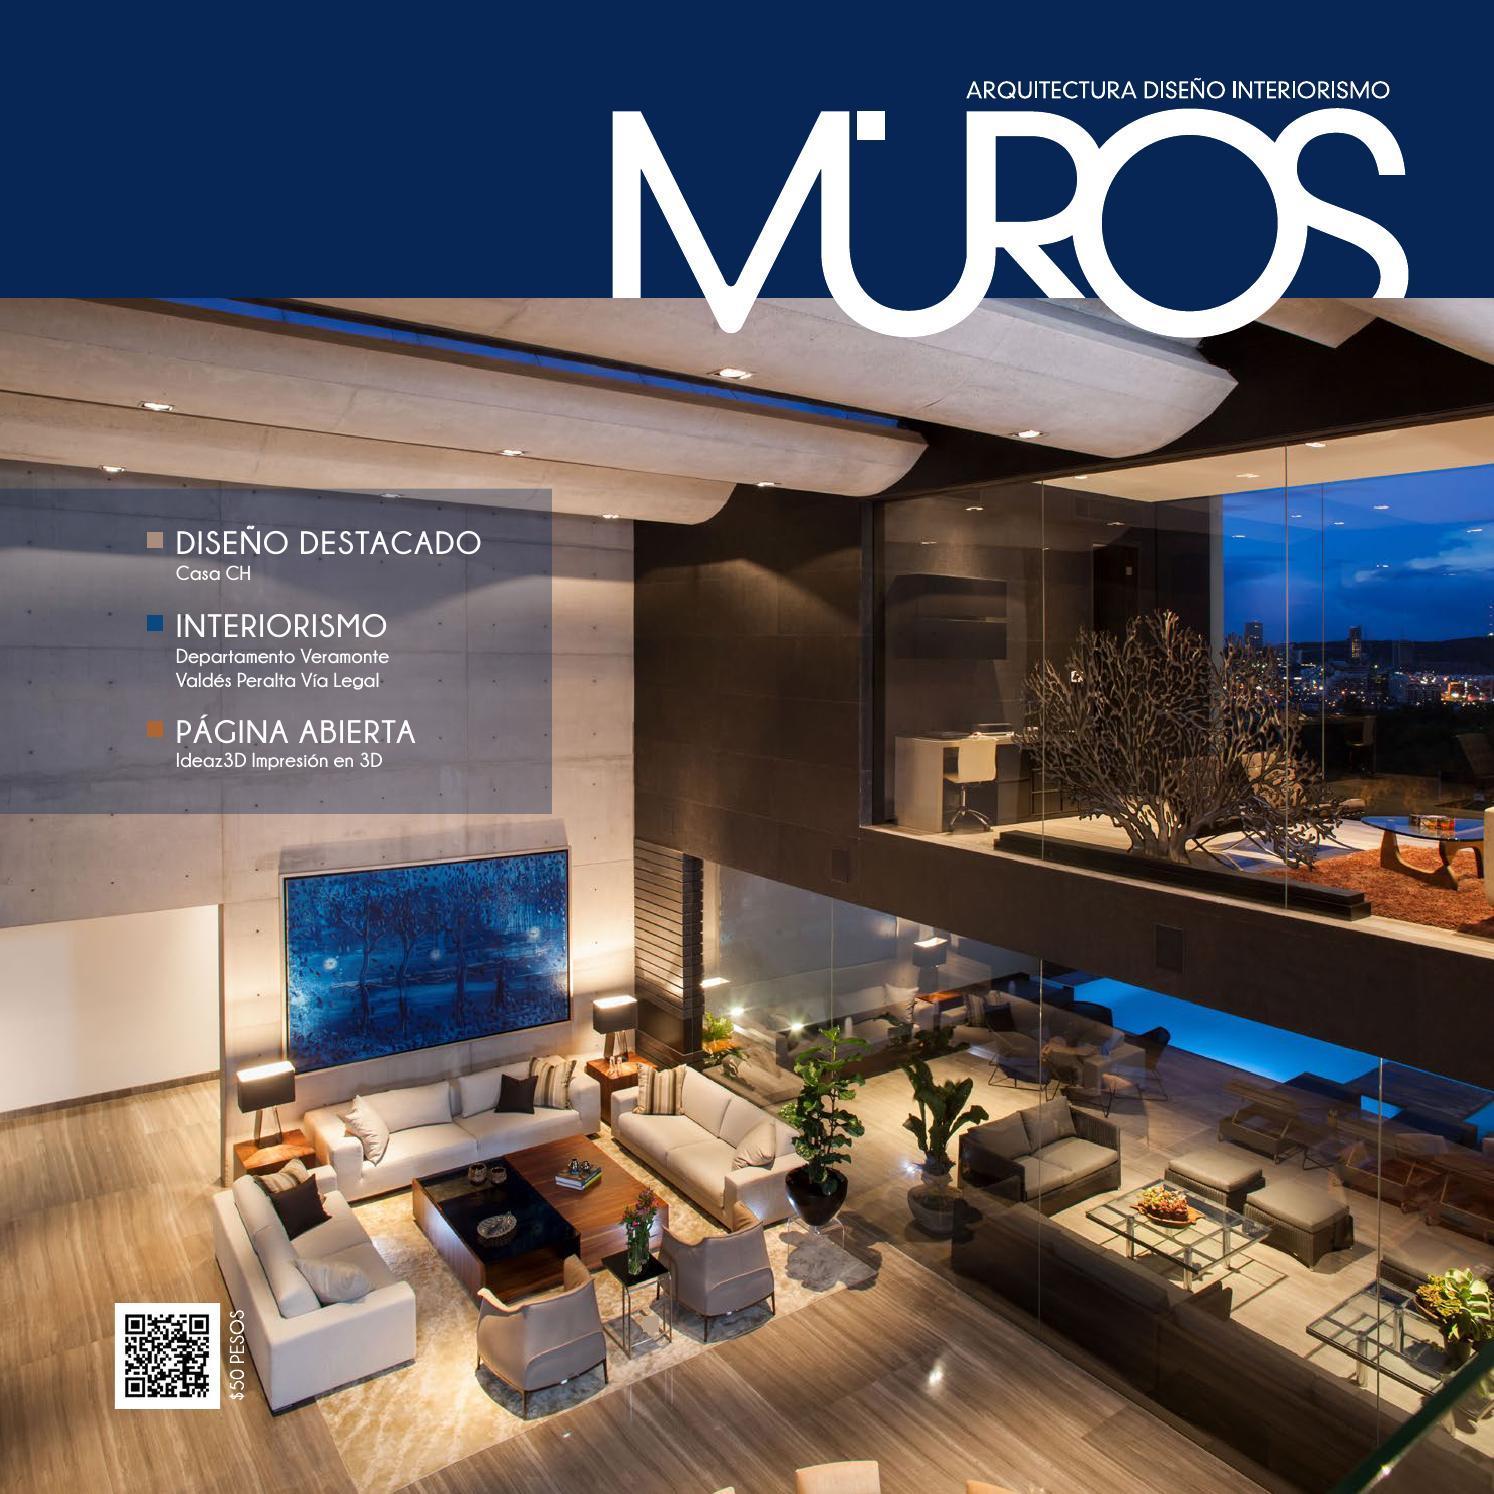 Edici n 8 revista muros arquitectura dise o interiorismo for Paginas de construccion y arquitectura